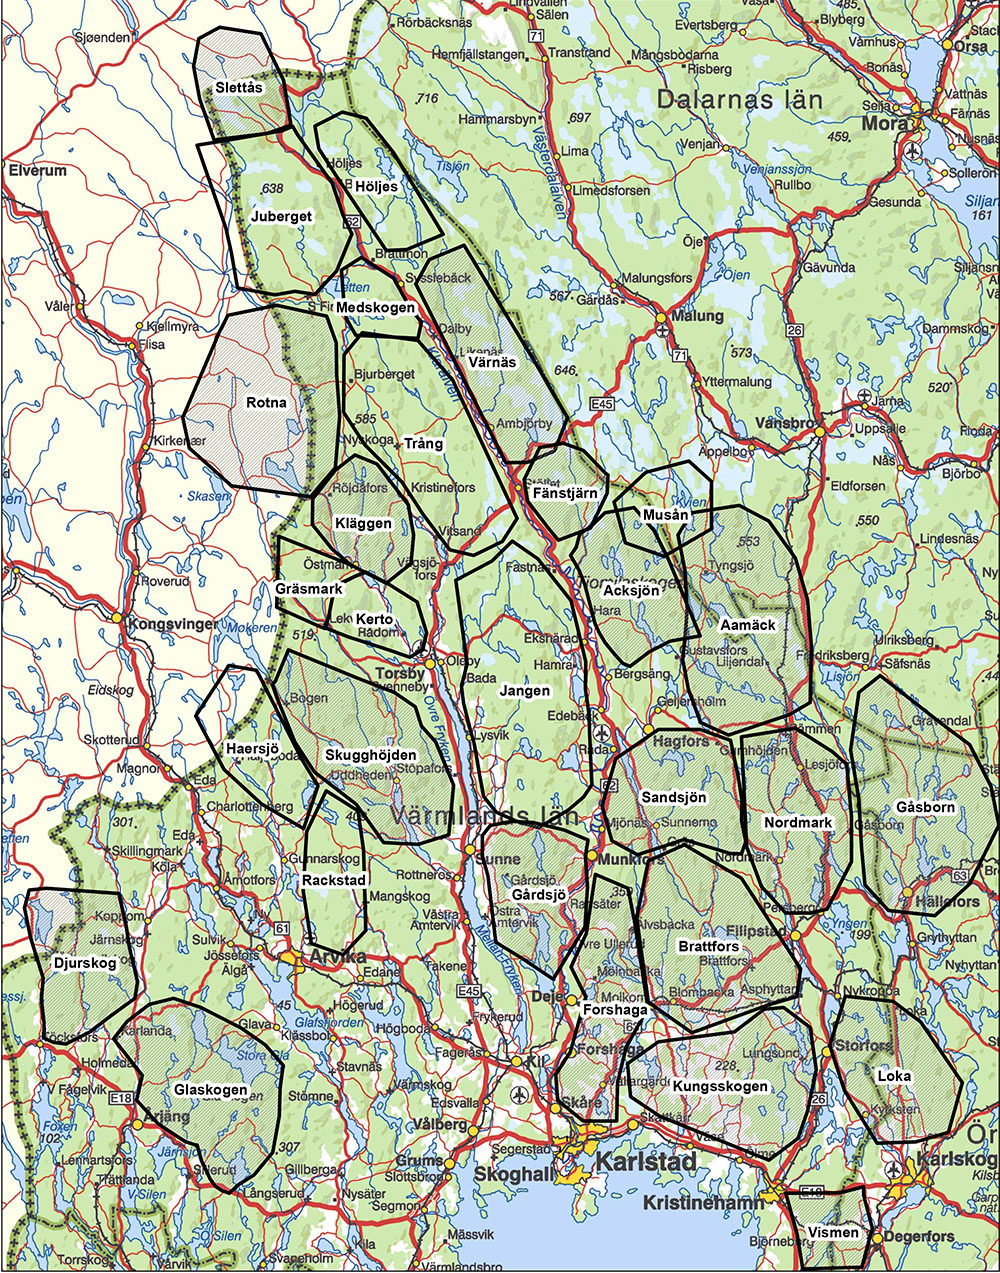 karta dalarna värmland 29 vargrevir i länet karta dalarna värmland